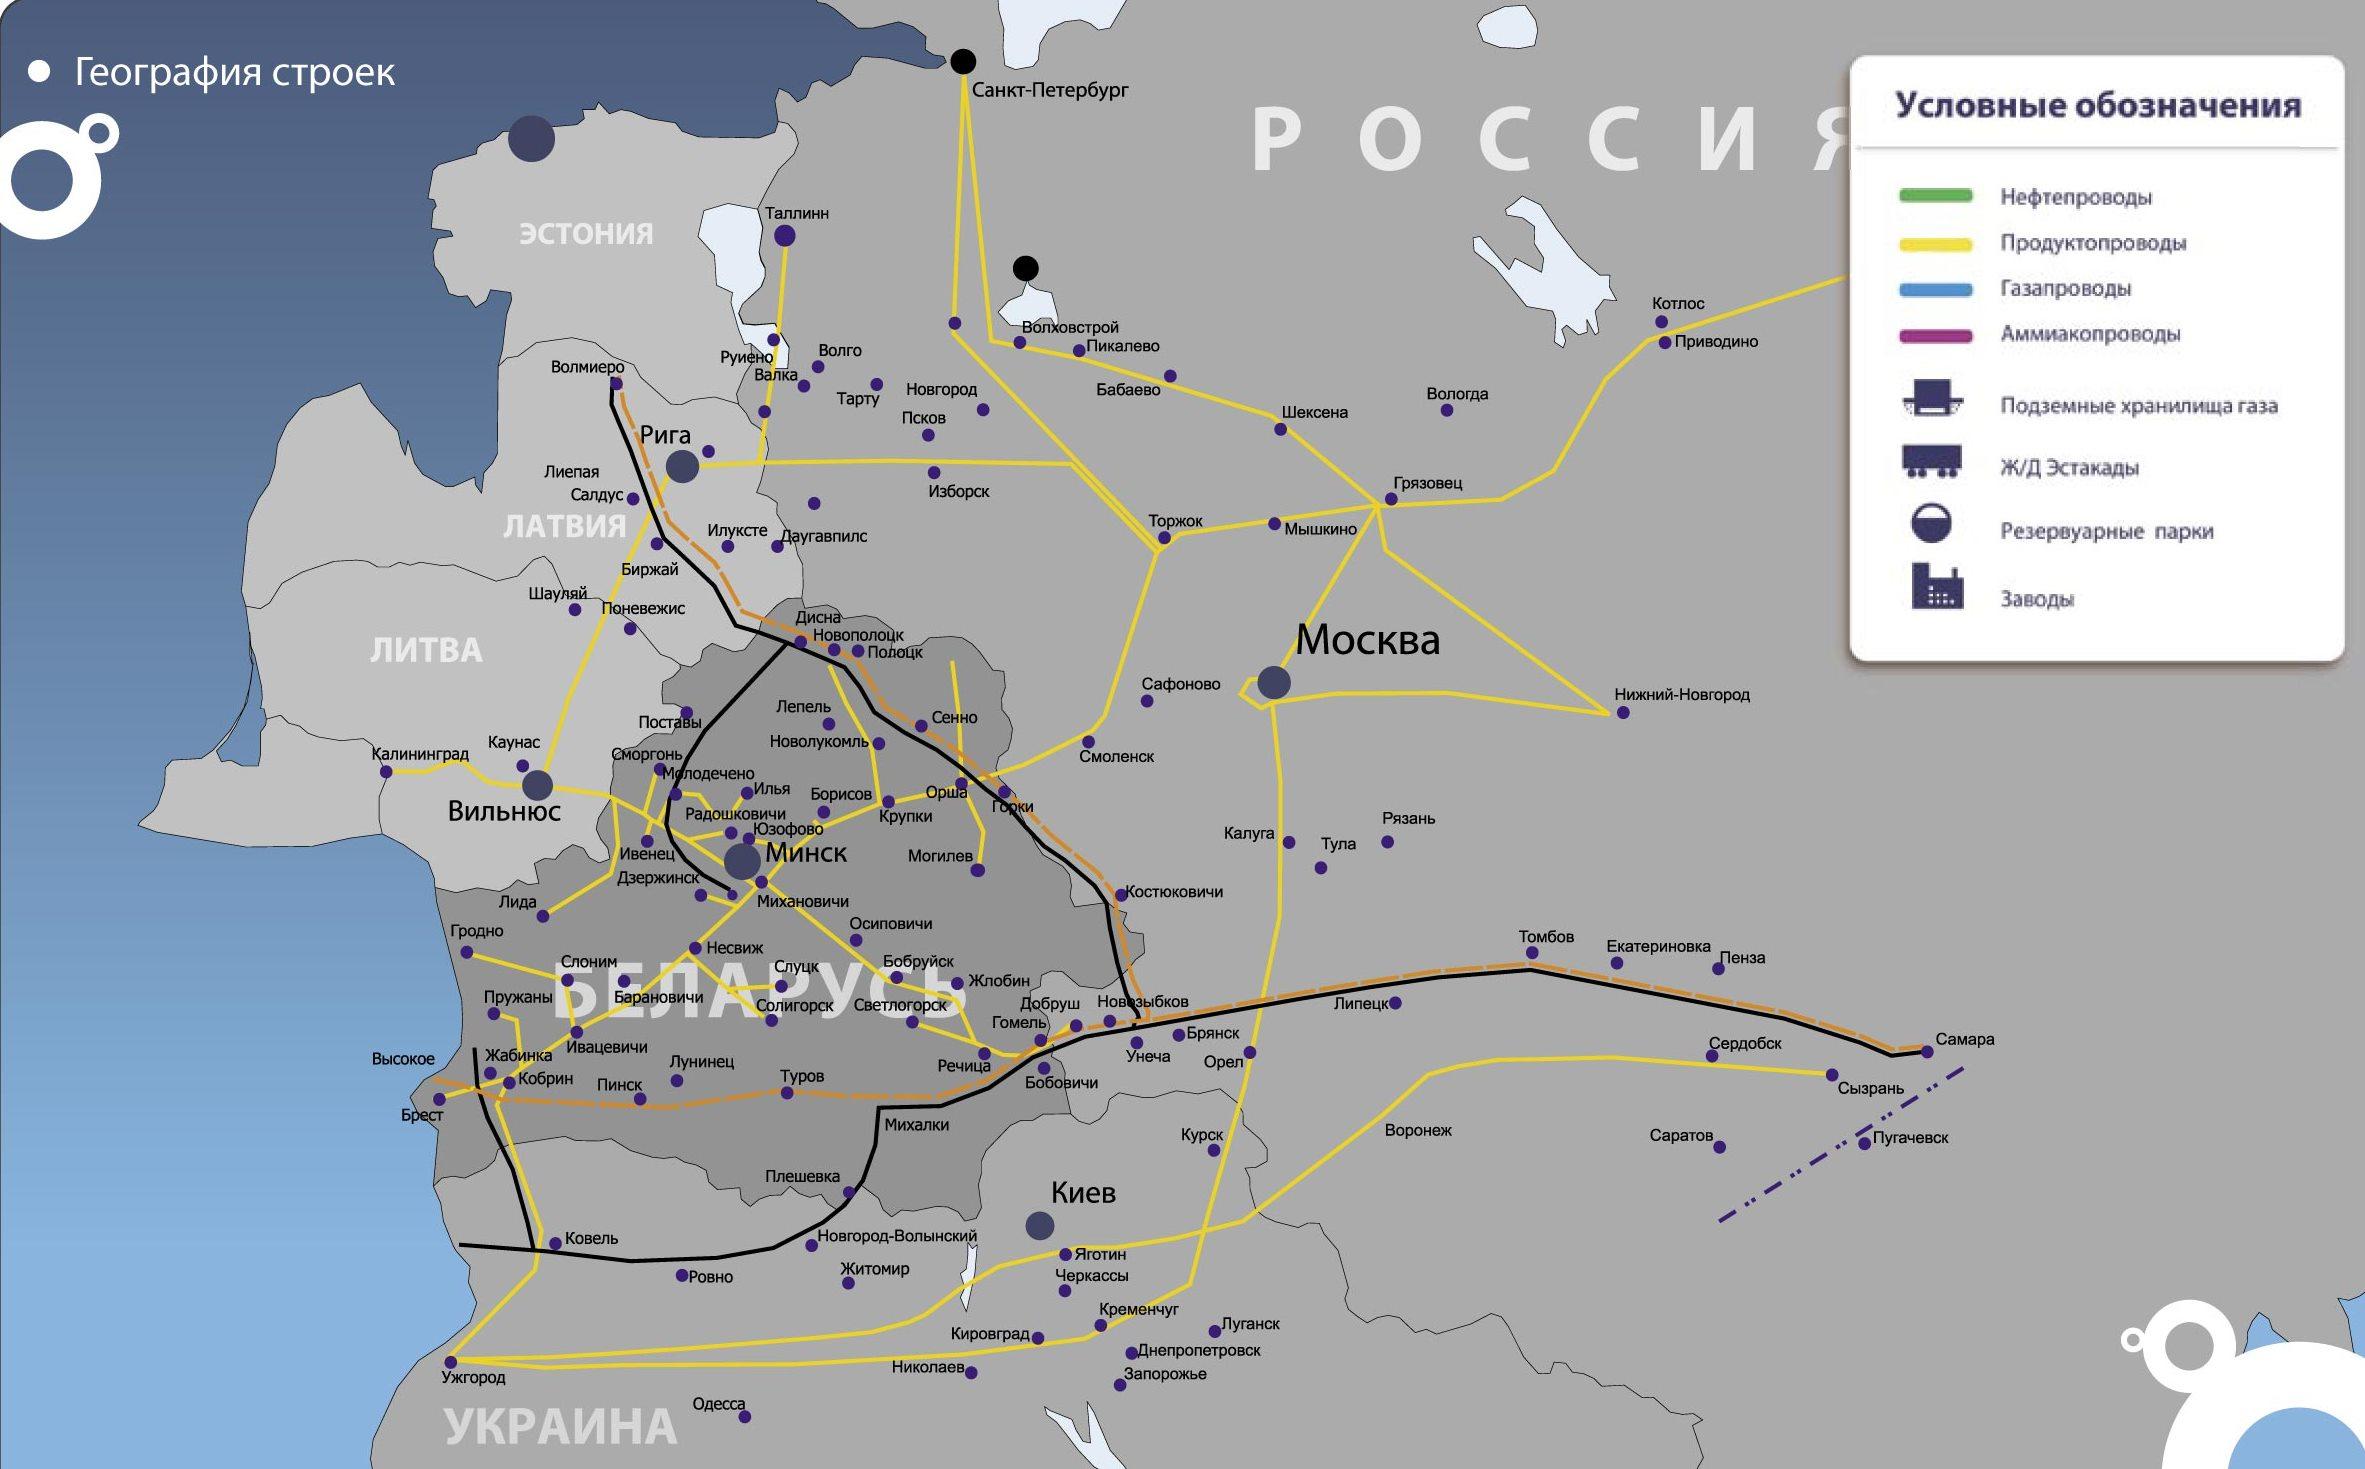 Белоруссия схема нефтепроводов